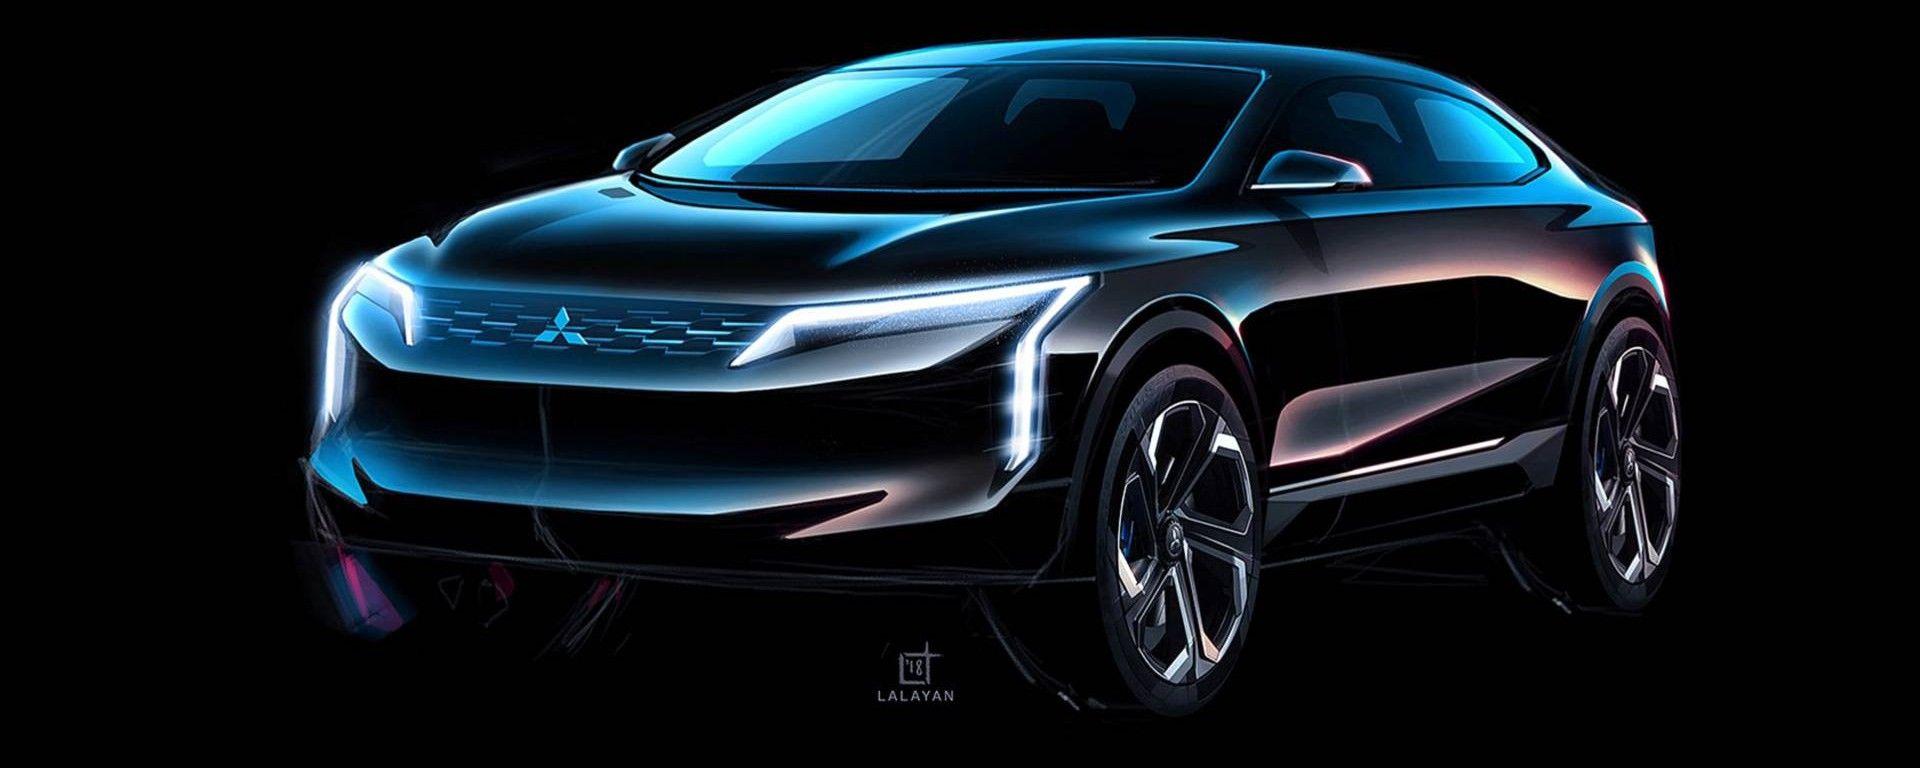 La Mitsubishi Lancer Concept secondo il designer Tigran Lalayan